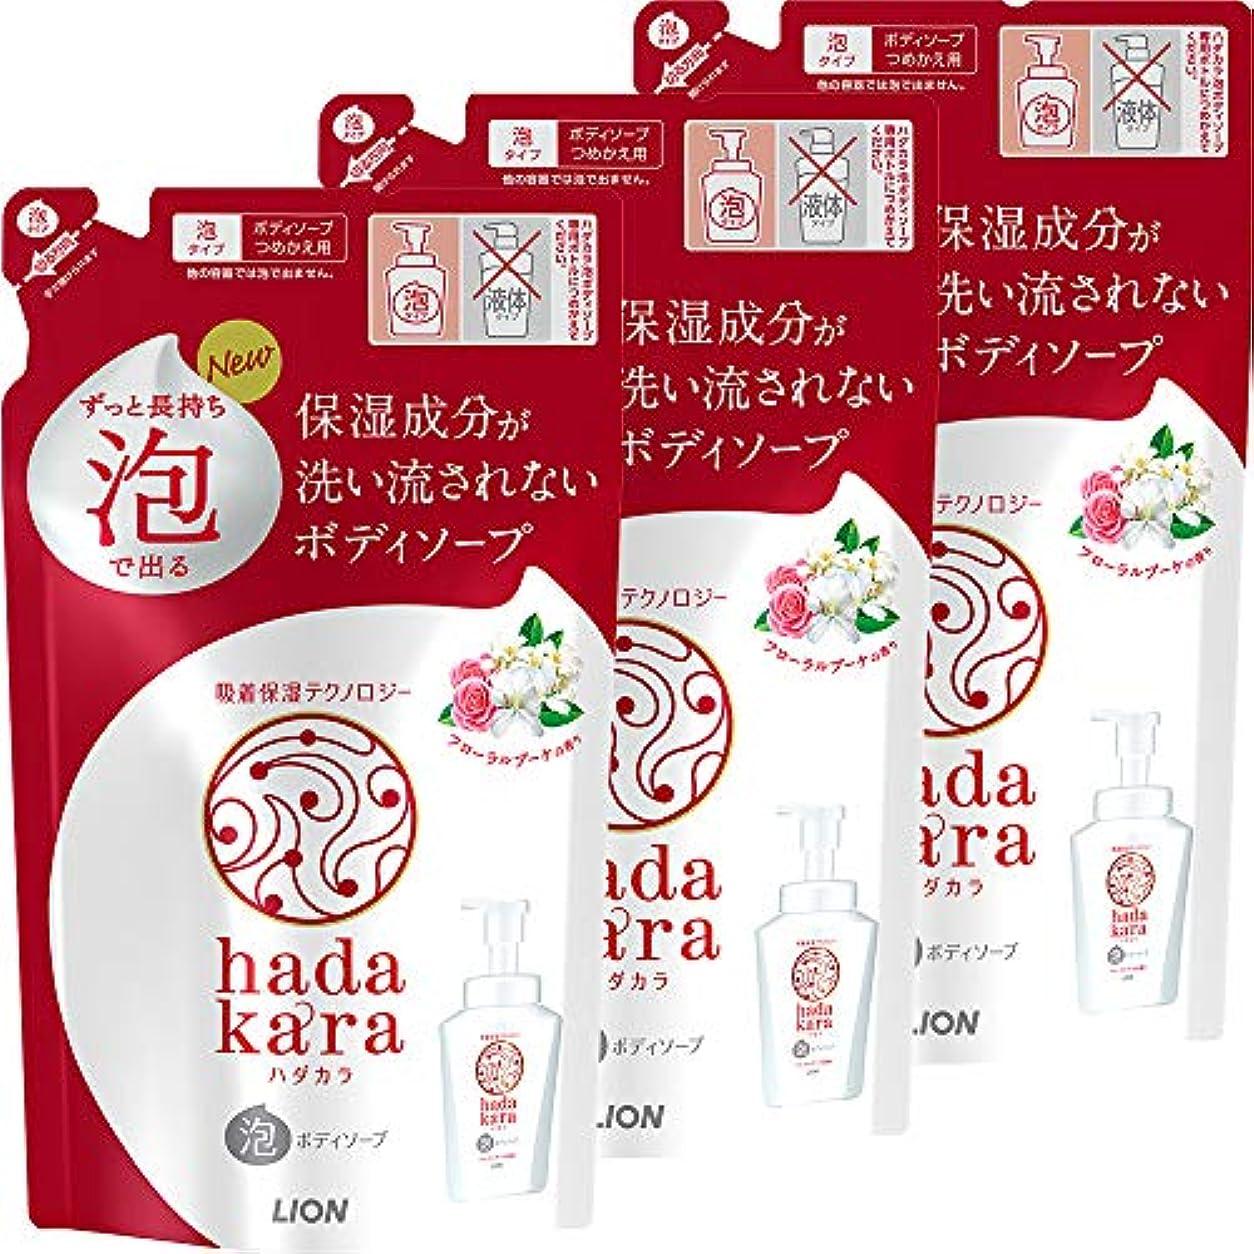 二週間敷居重要なhadakara(ハダカラ) ボディソープ 泡タイプ フローラルブーケの香り 詰替440ml×3個